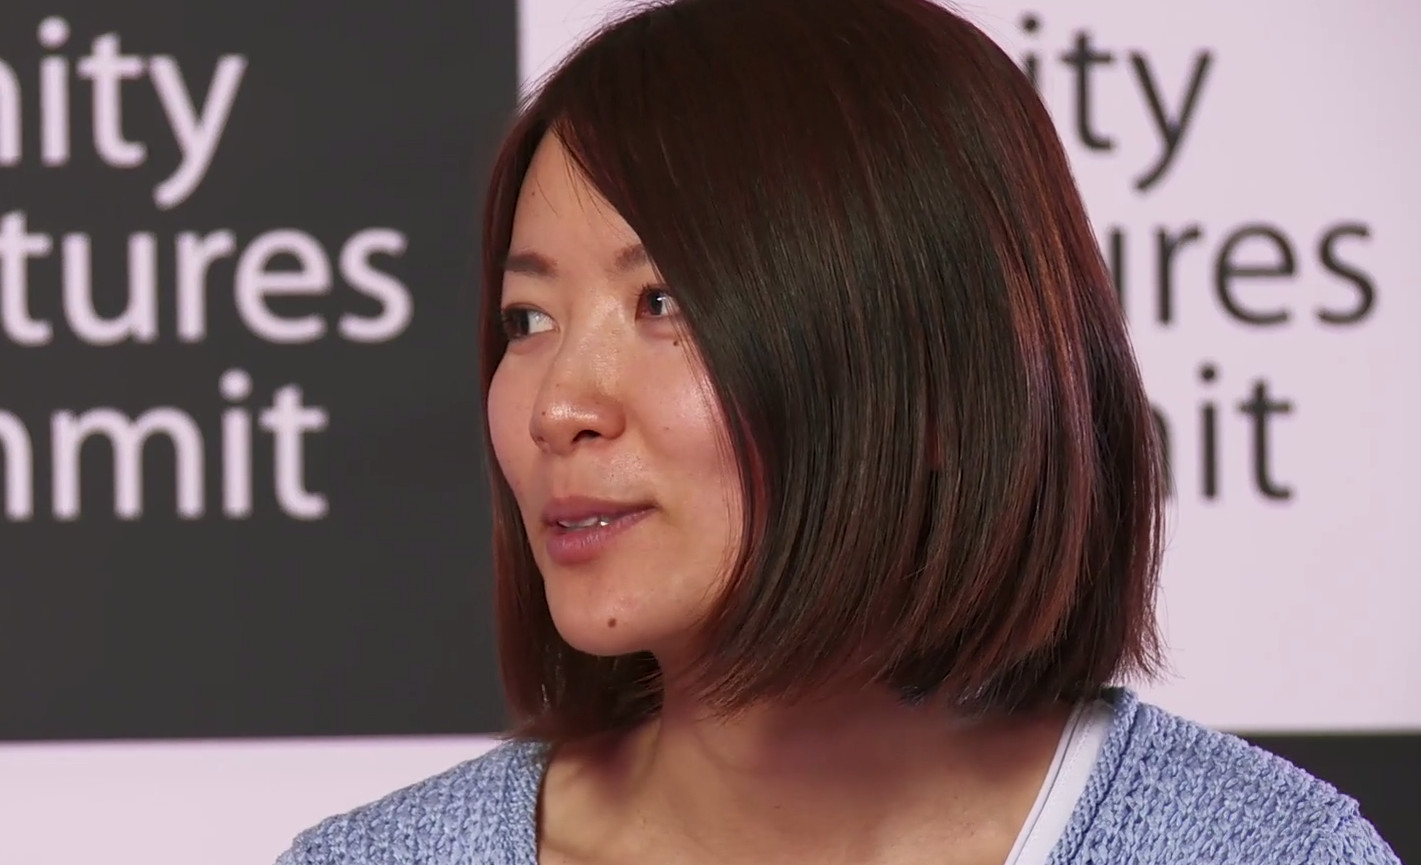 サービスの宣伝をしようとしたら、Facebookに入社… ウォンテッドリー・仲暁子氏が語る、チャンスの掴み方